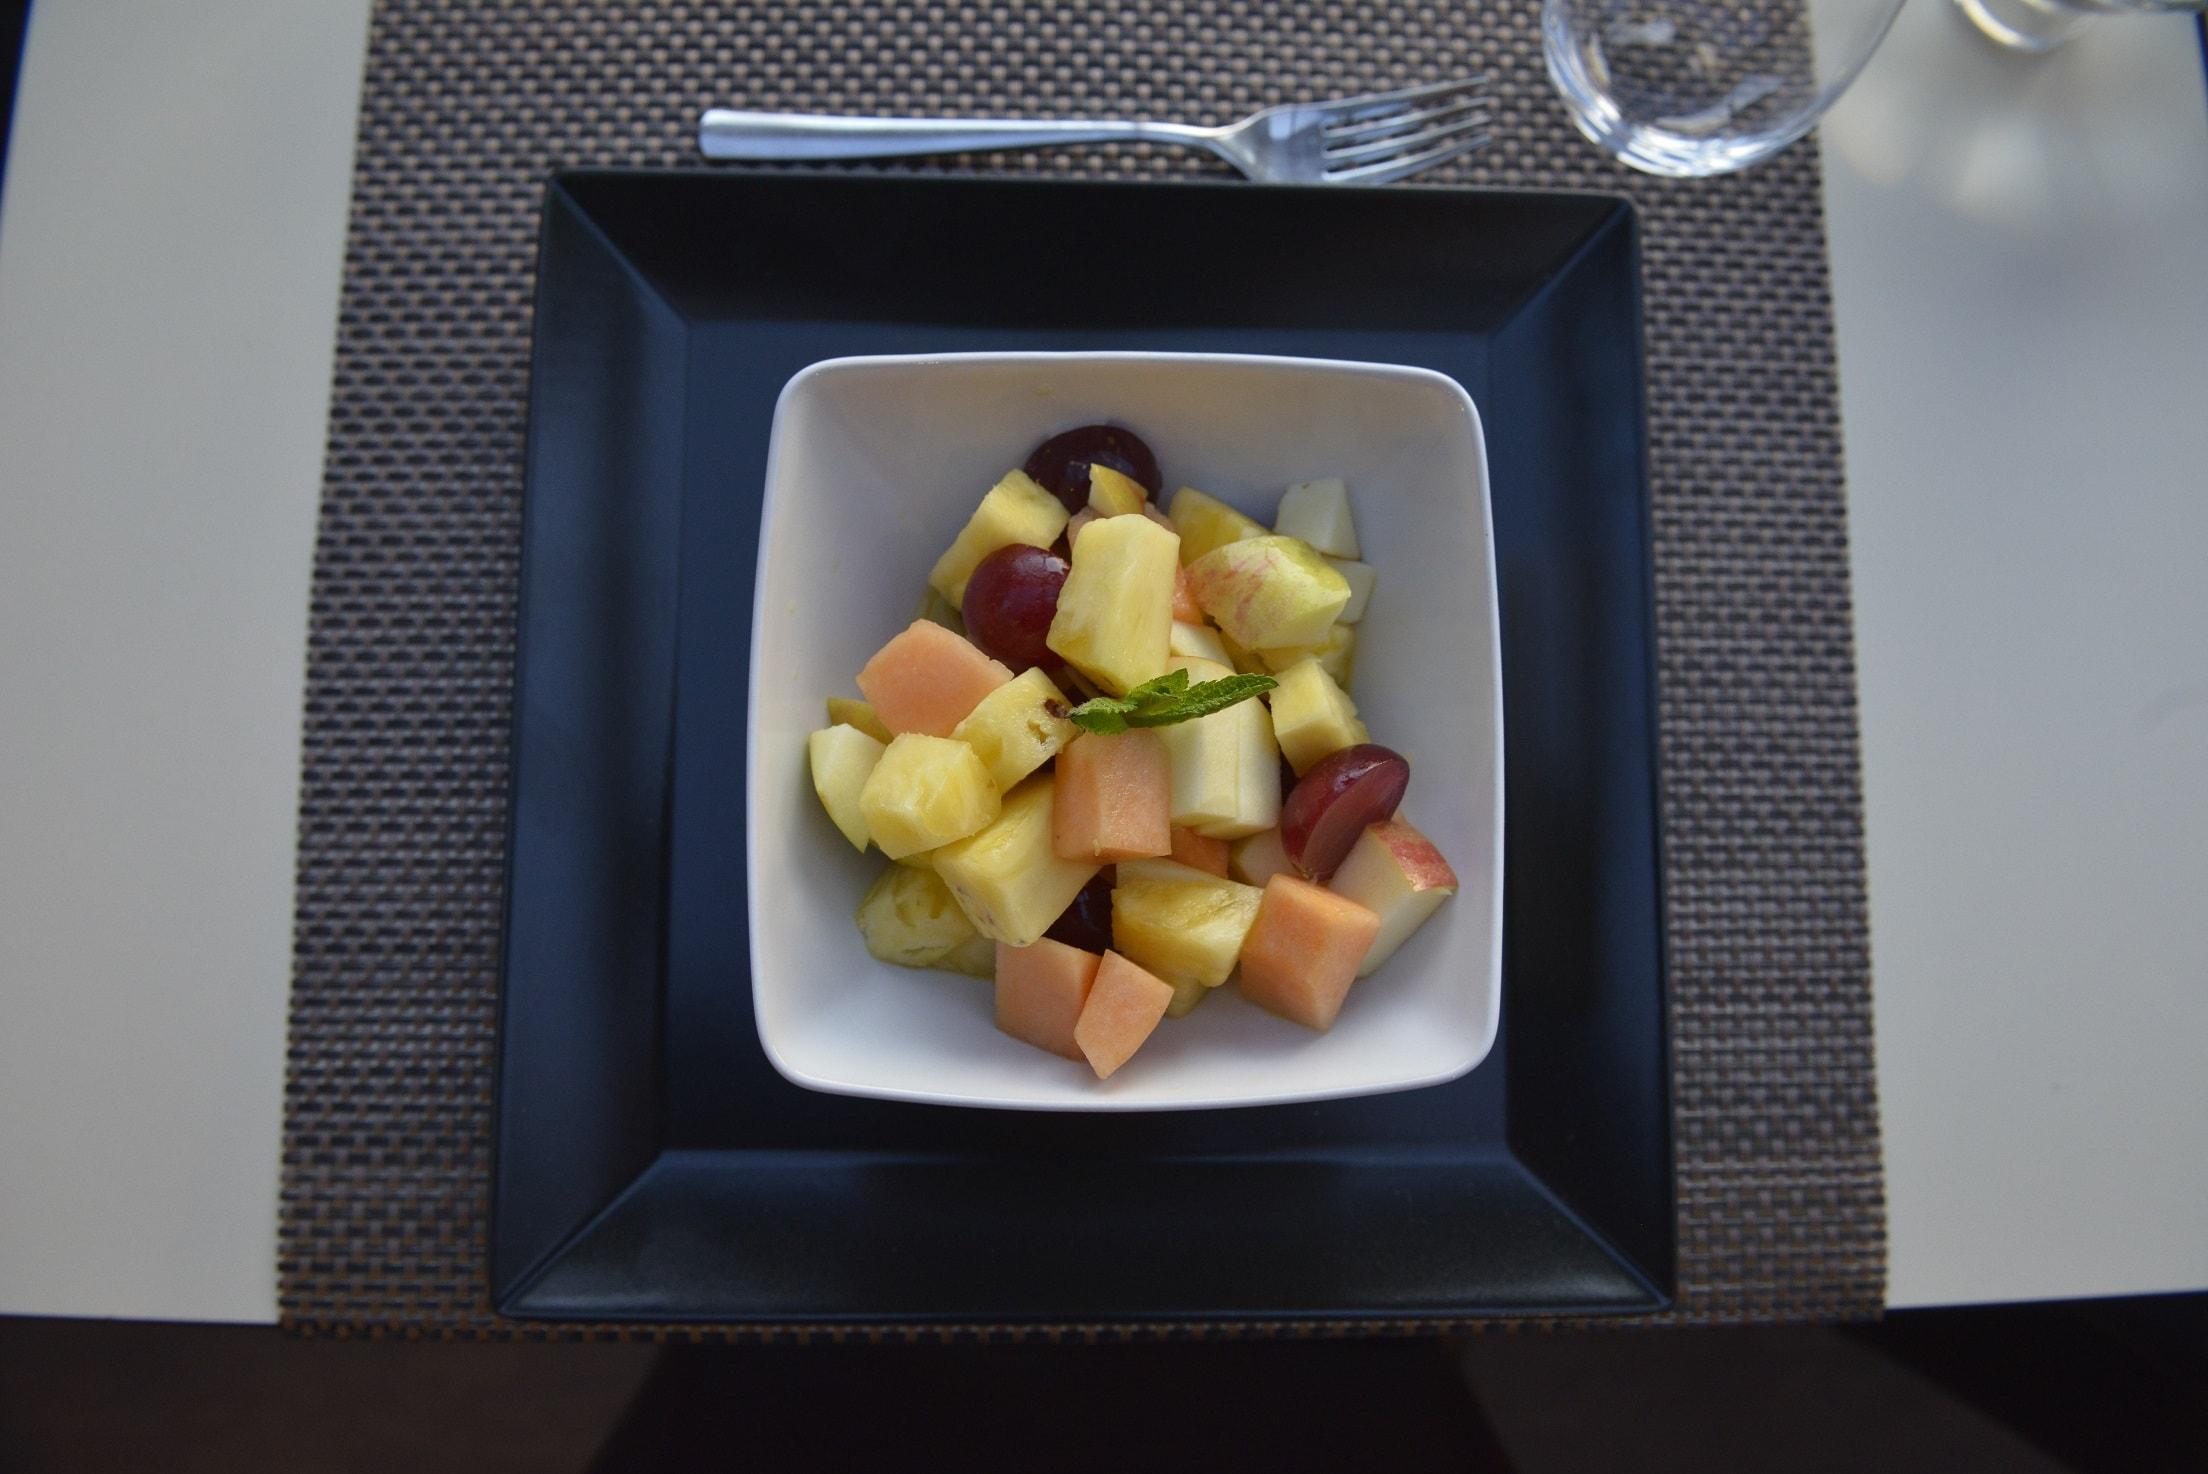 Salade de fruits avec fruits de saison